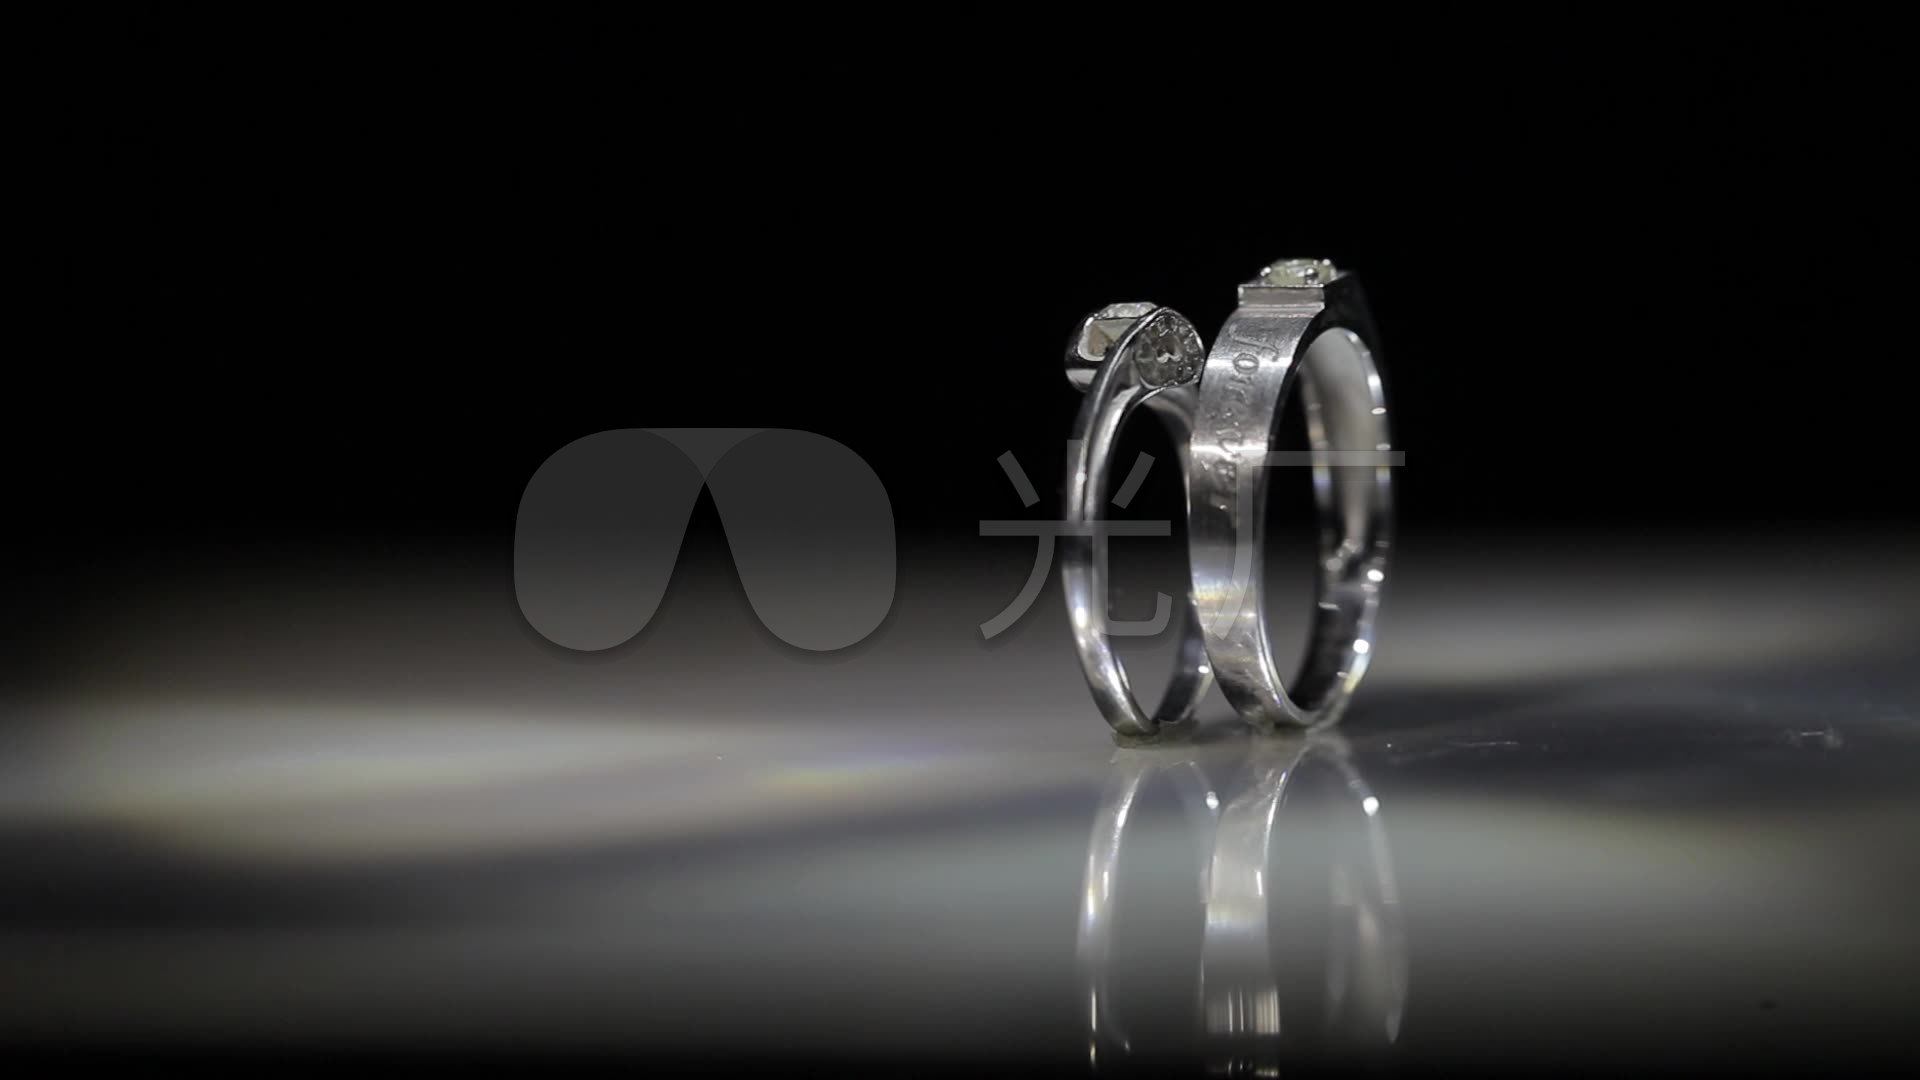 视频婚礼摆拍_1920X1080_视频戒指素材下载看我为什么高清不了图片